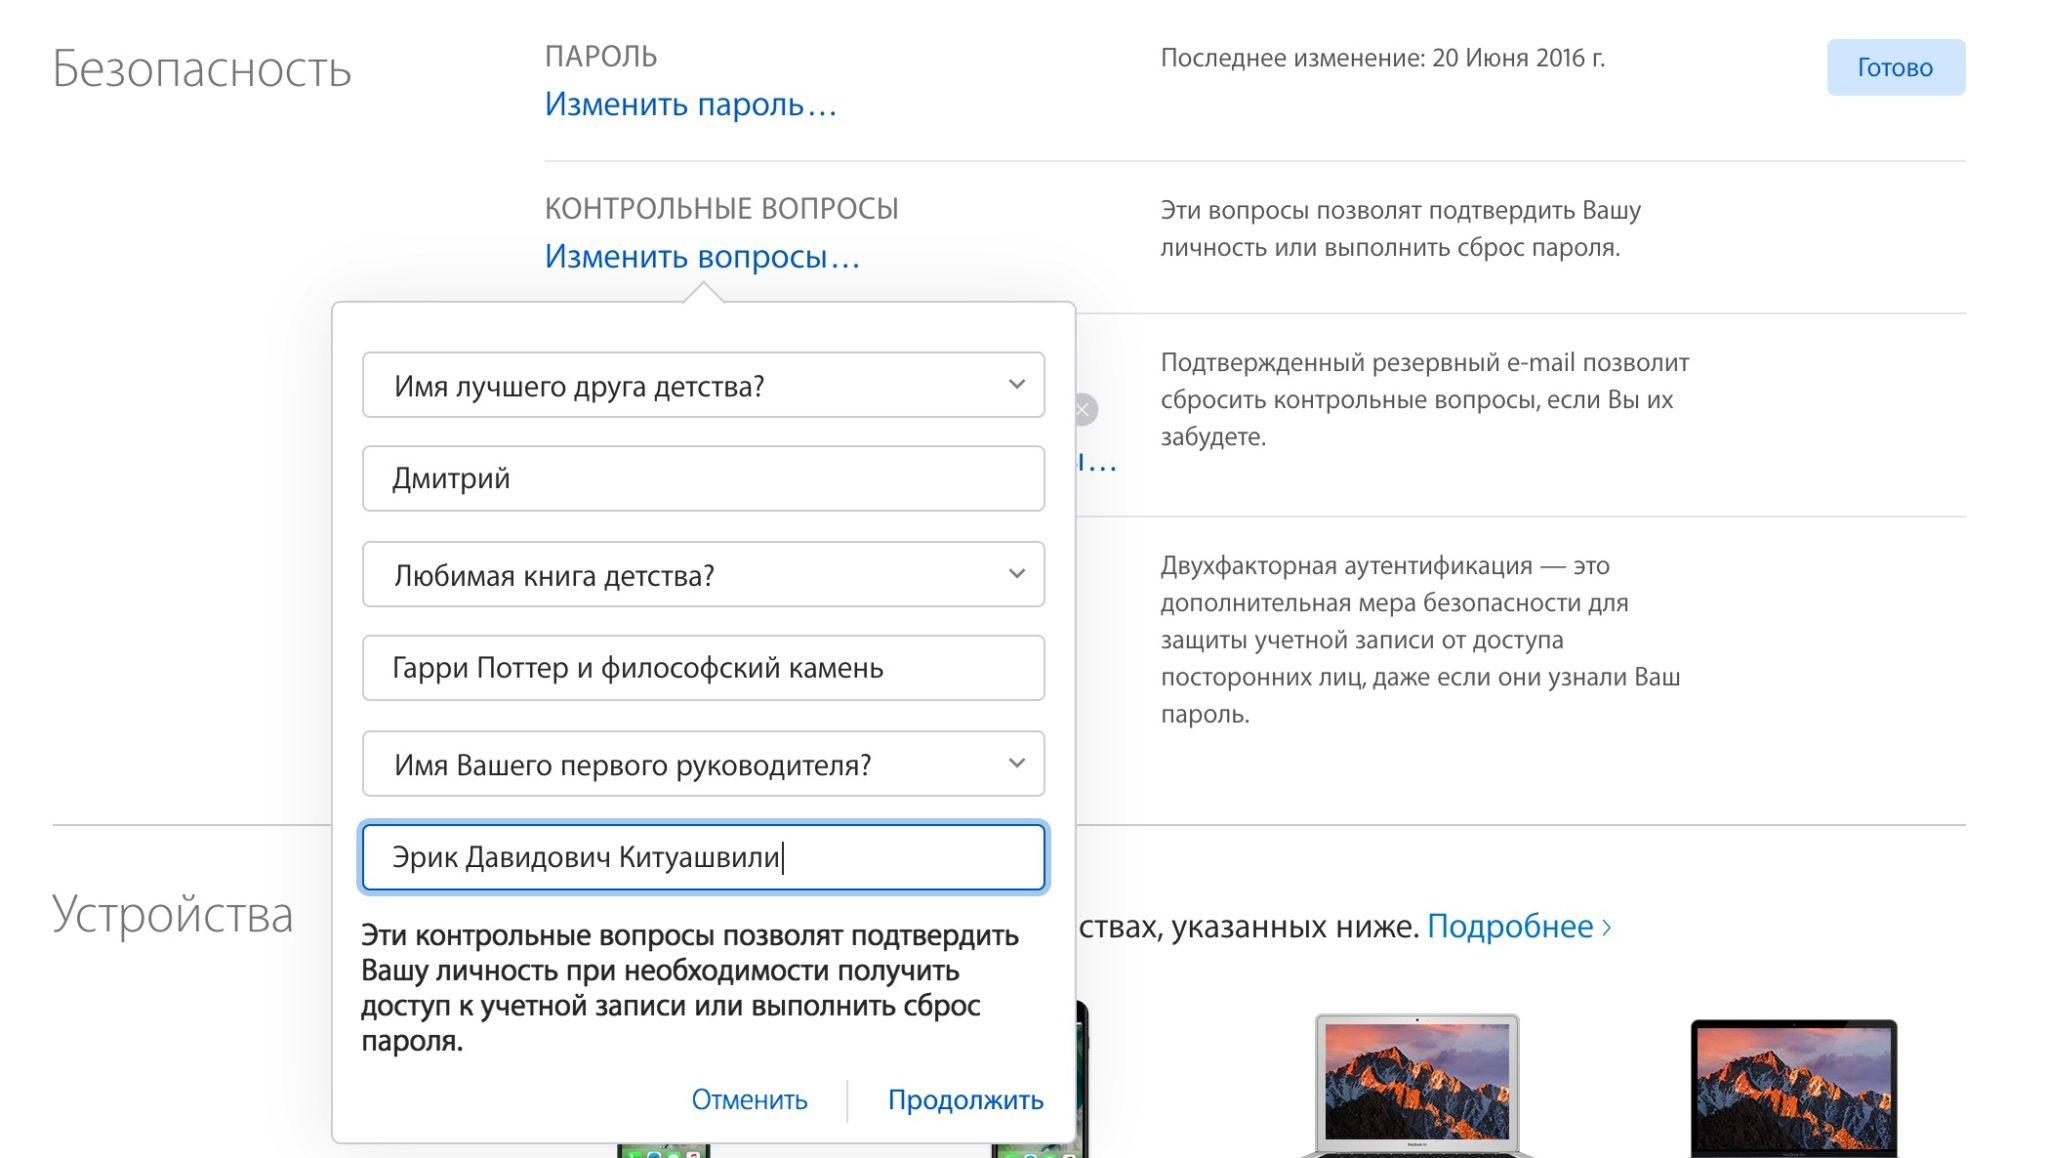 Как сбросить контрольные вопросы apple id Что делать если забыл контрольные вопросы apple id